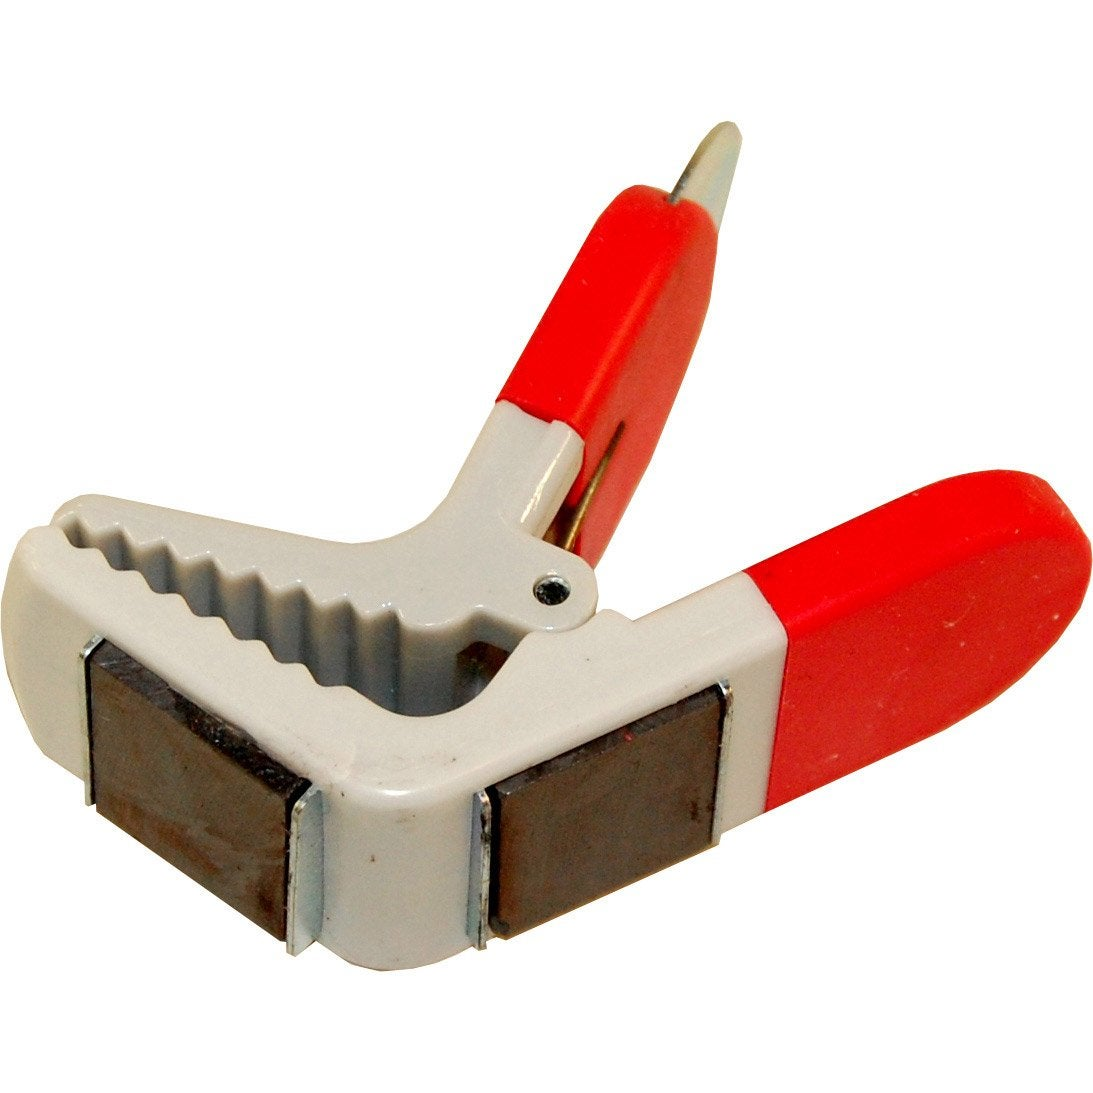 pince porte outils magn tique nespoli leroy merlin. Black Bedroom Furniture Sets. Home Design Ideas